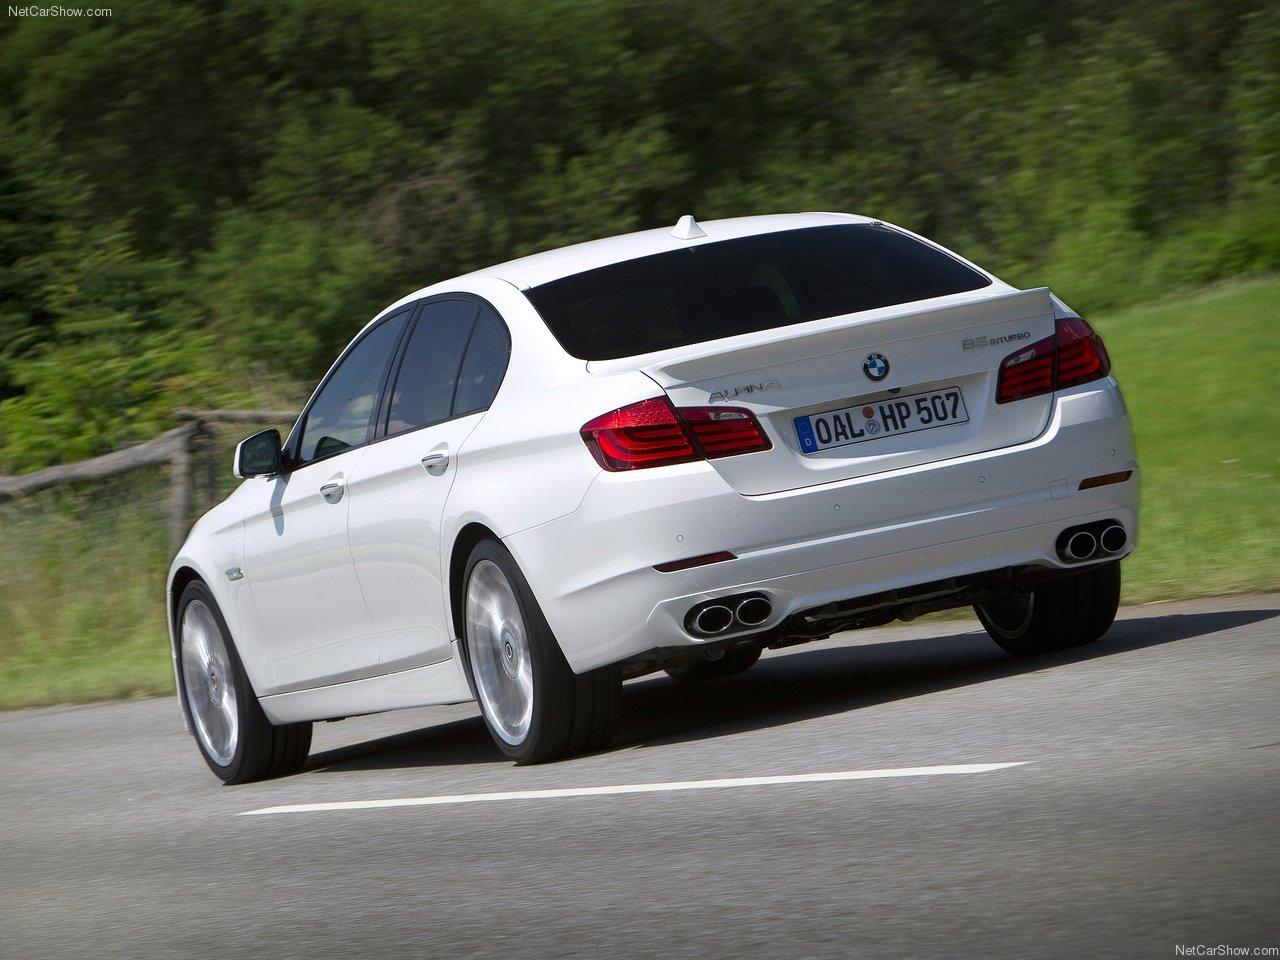 Alpina BMW B5 BiTurbo 2011 &Alpina-BMW_B5_Bi-Turbo-2011-1280-08